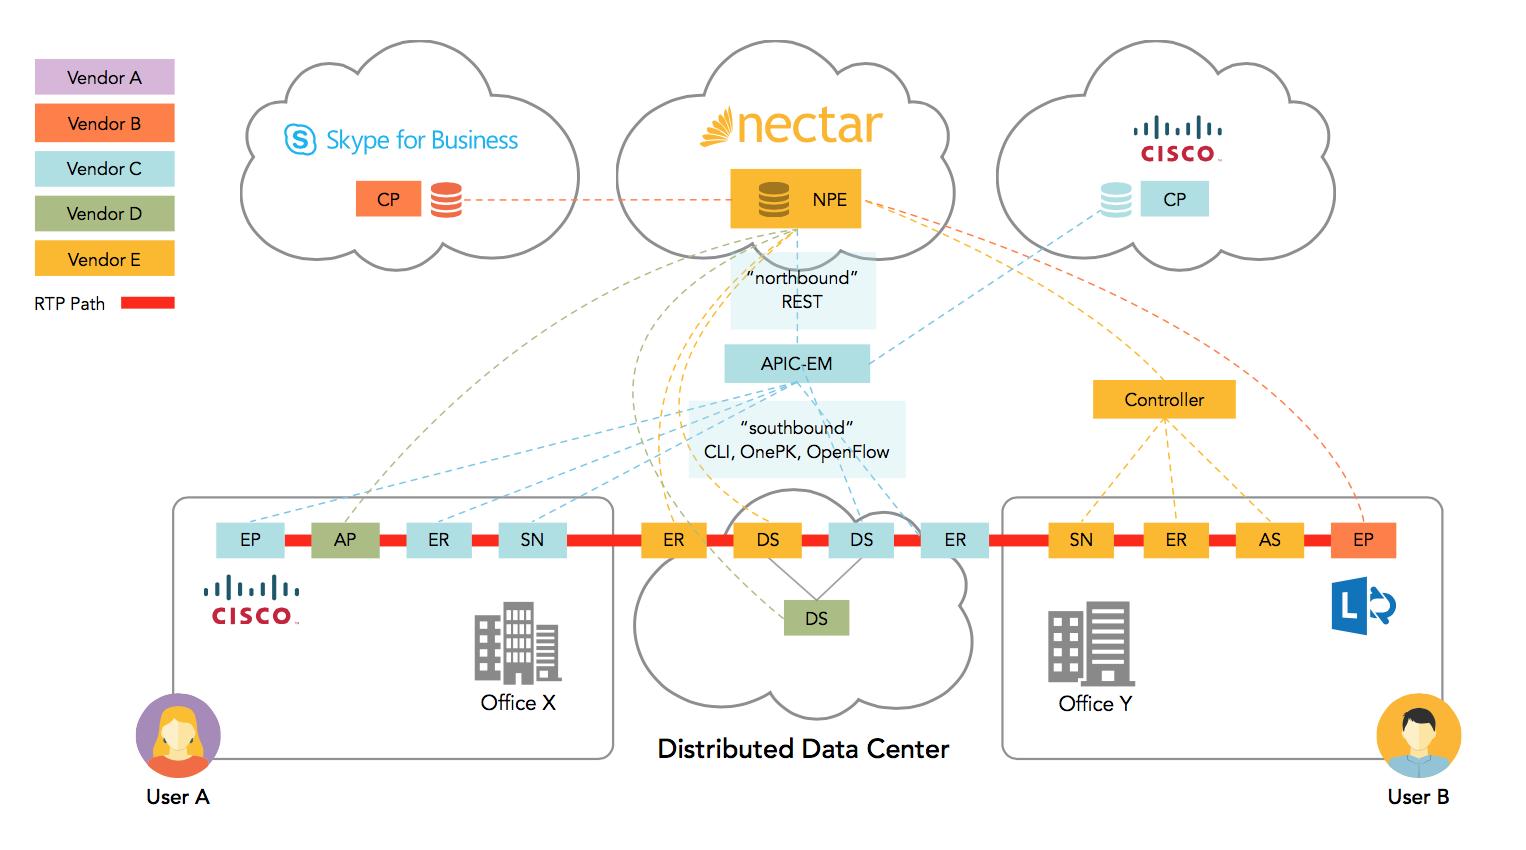 図3. Nectar Evolution、Cisco APIC-EMおよびMicrosoft SDN APIを使用した<br /> リアルタイムの統合型動的サービスの実現と保証